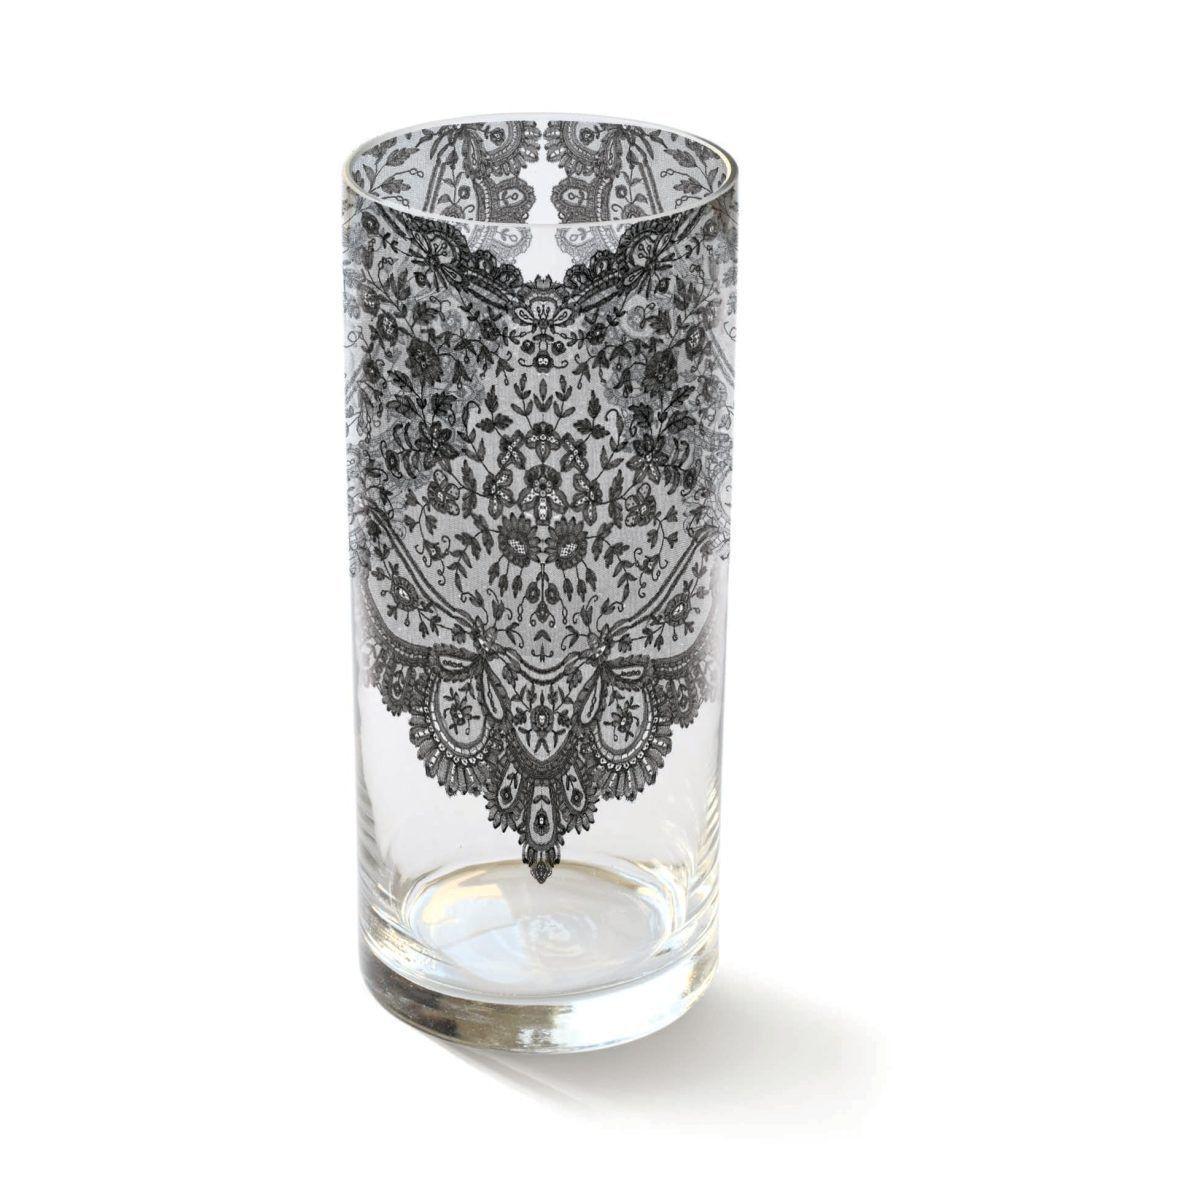 gold crackle vase of lace heather vase by fringe studio fringe studio pinterest intended for lace heather vase by fringe studio